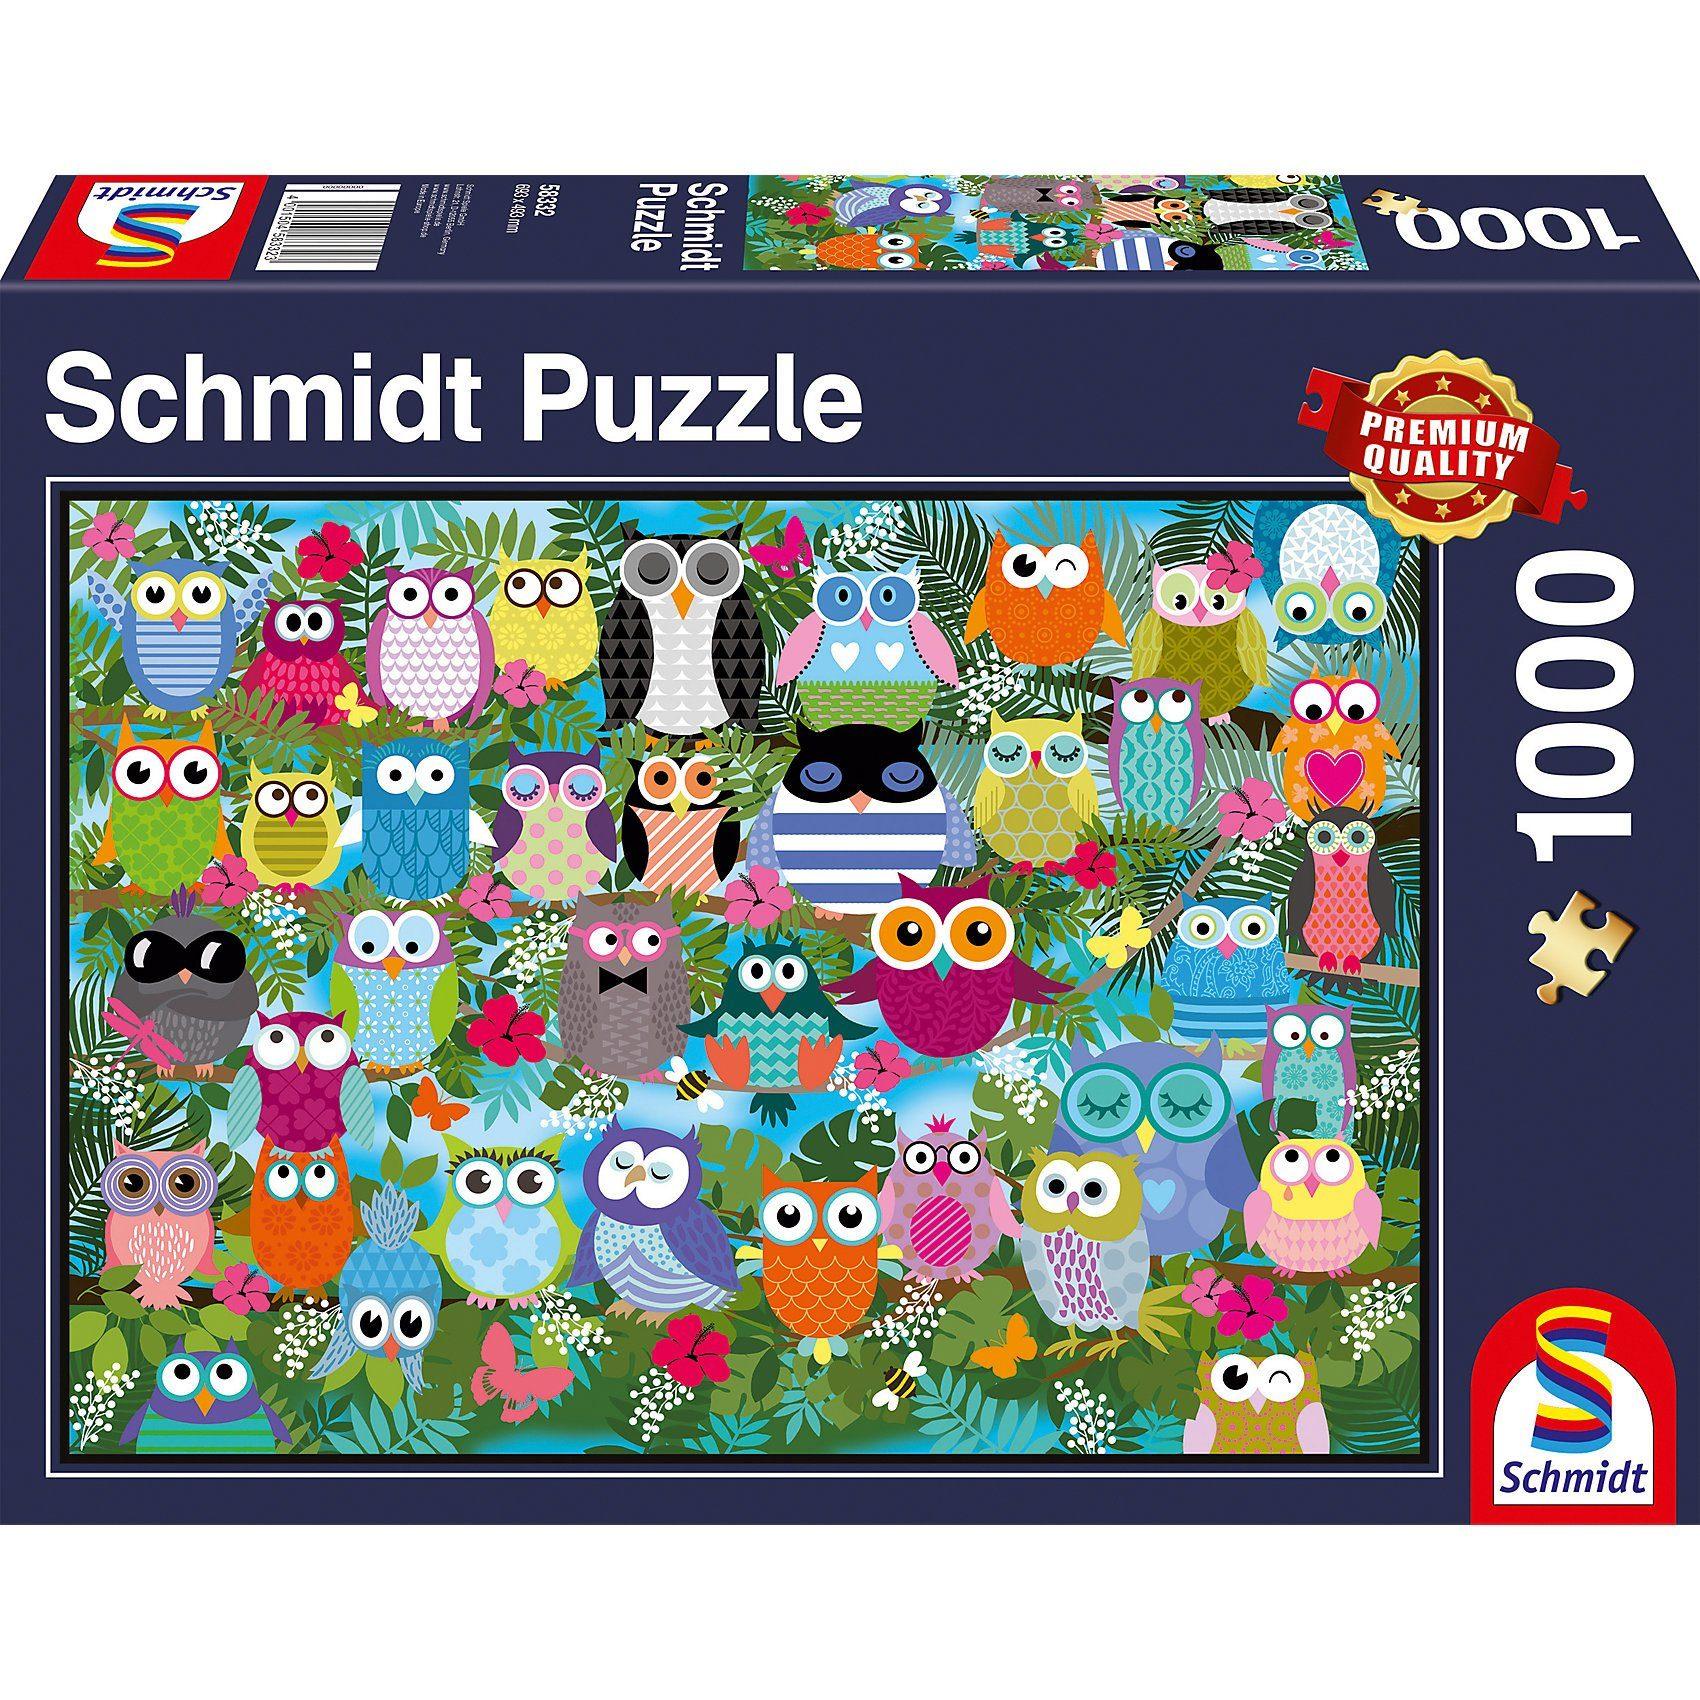 Schmidt Spiele Puzzle 1000 Teile Eulen-Collage